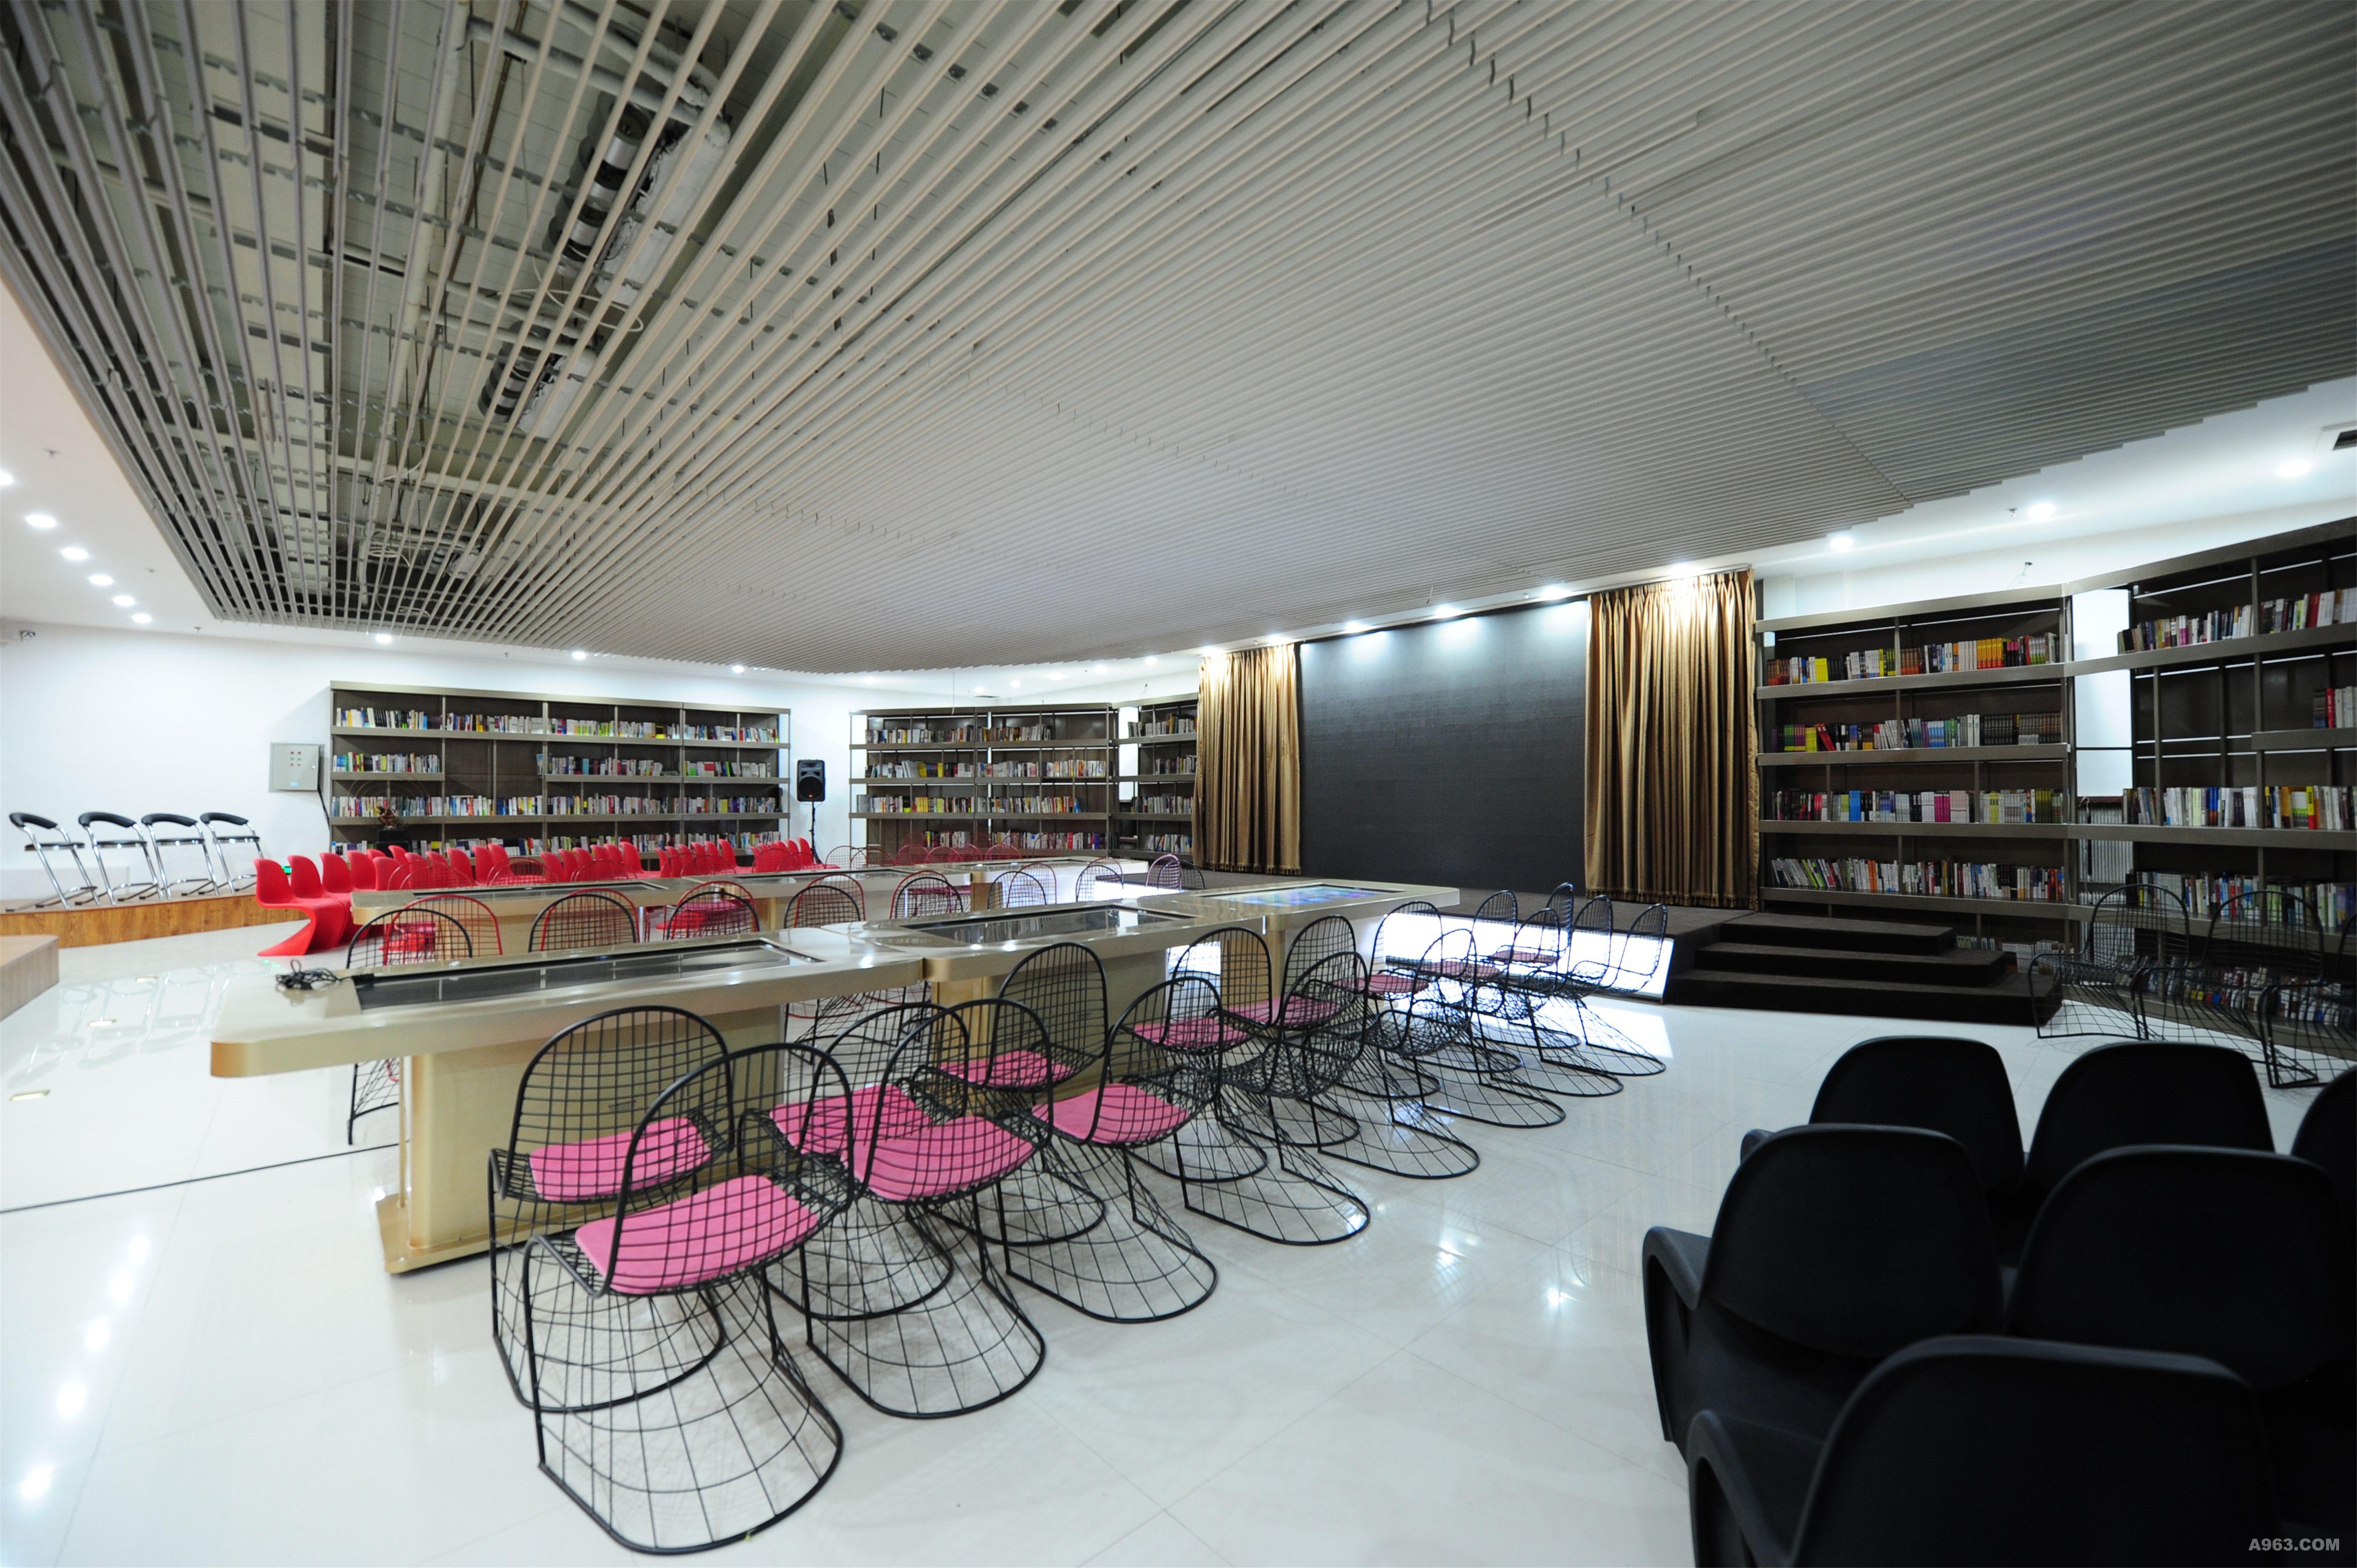 林田创客公园 - 办公空间 - 第4页 - 刘学斌设计作品